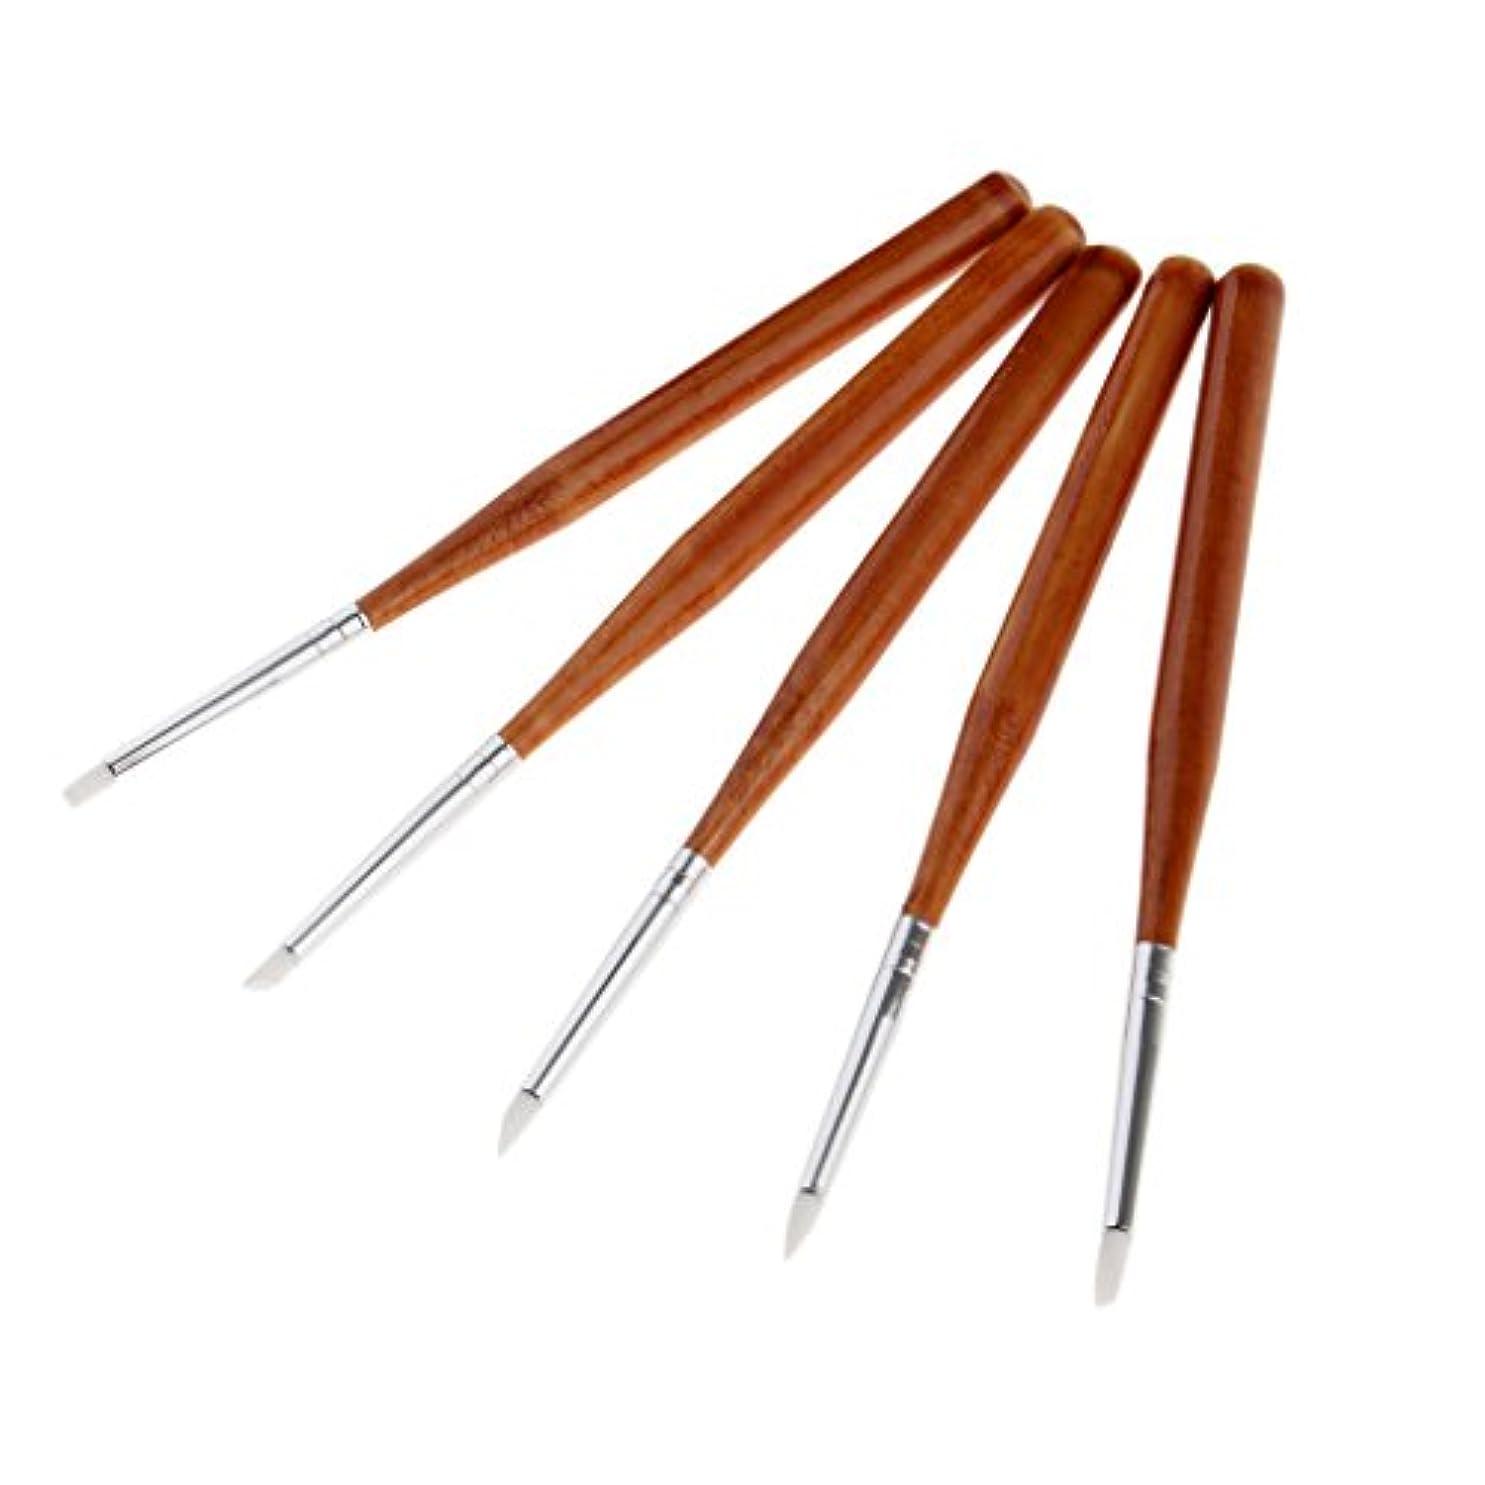 顕現退院砂5本 ネイルアートペン ネイルブラシ ネイル 彫刻ペン 高品質 シリコンヘッド DIY 3タイプ選べる - 13cm